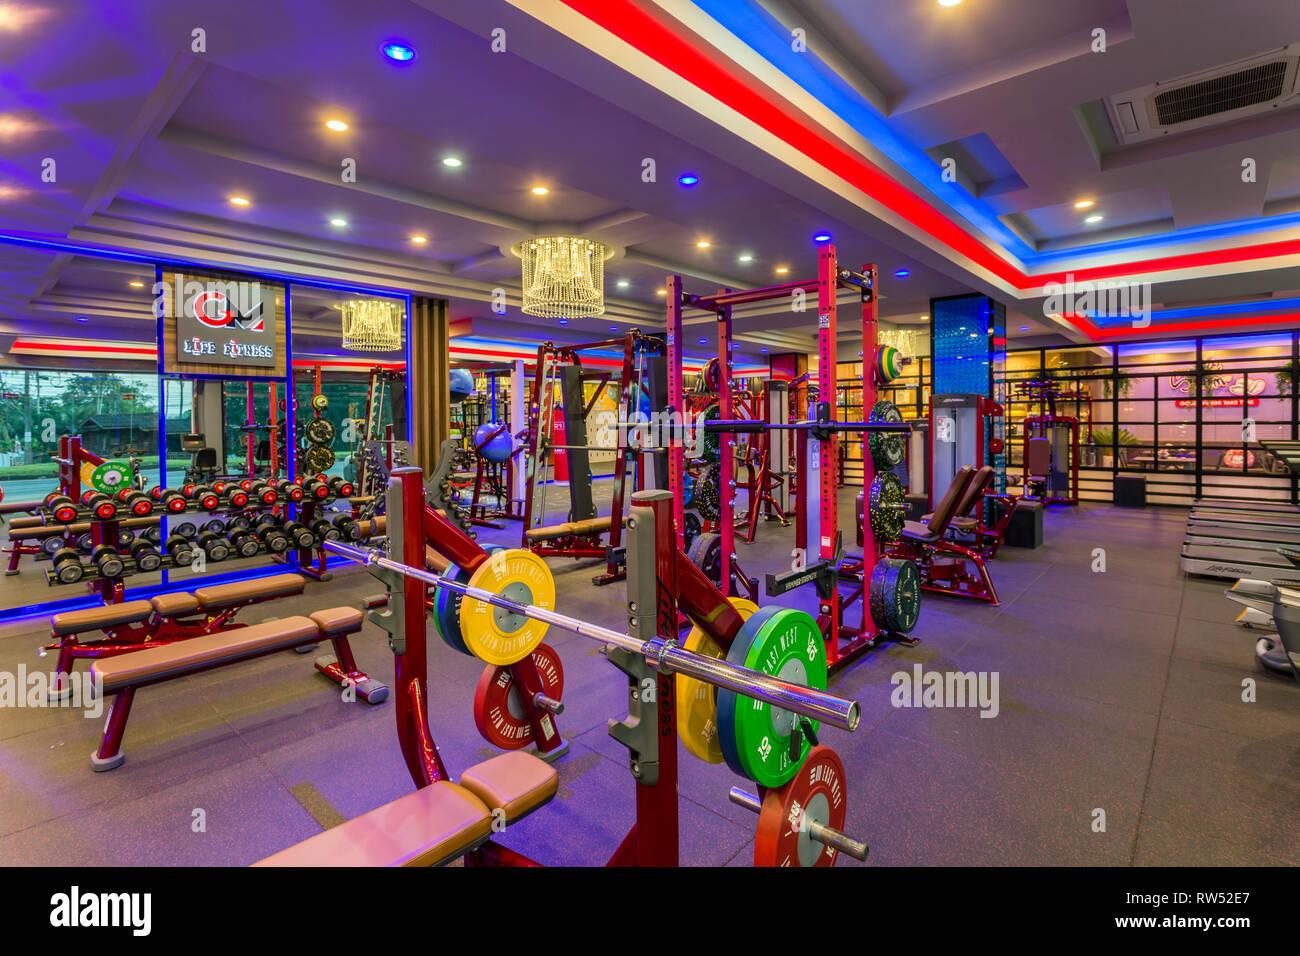 GM Life Fitness health club habitación interior lleno de equipos de gimnasia y máquina de ejercicio en Krabi, Tailandia. Imagen De Stock